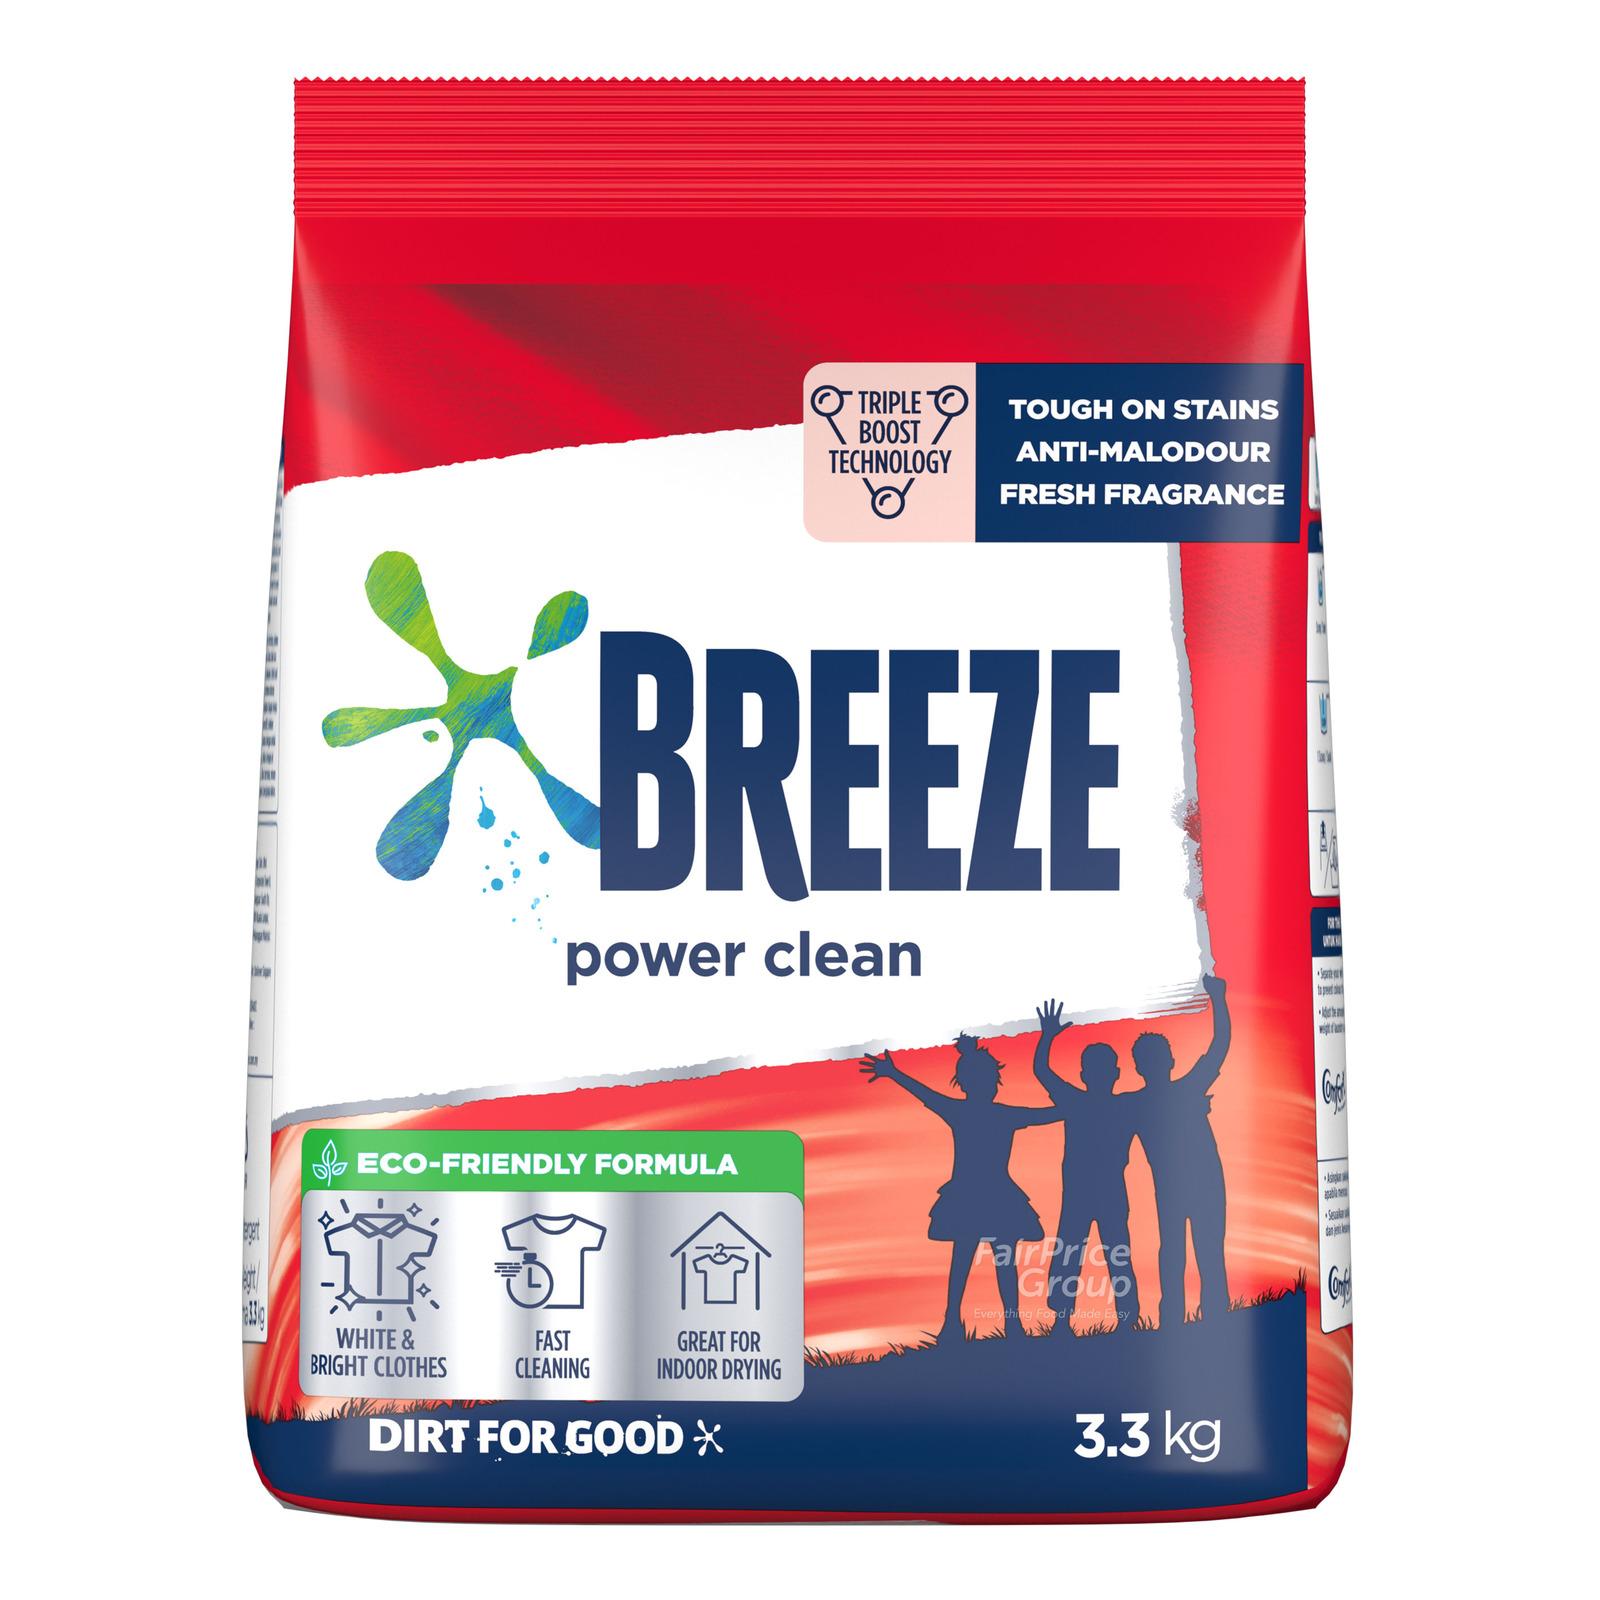 Breeze Powder Detergent - Power Clean